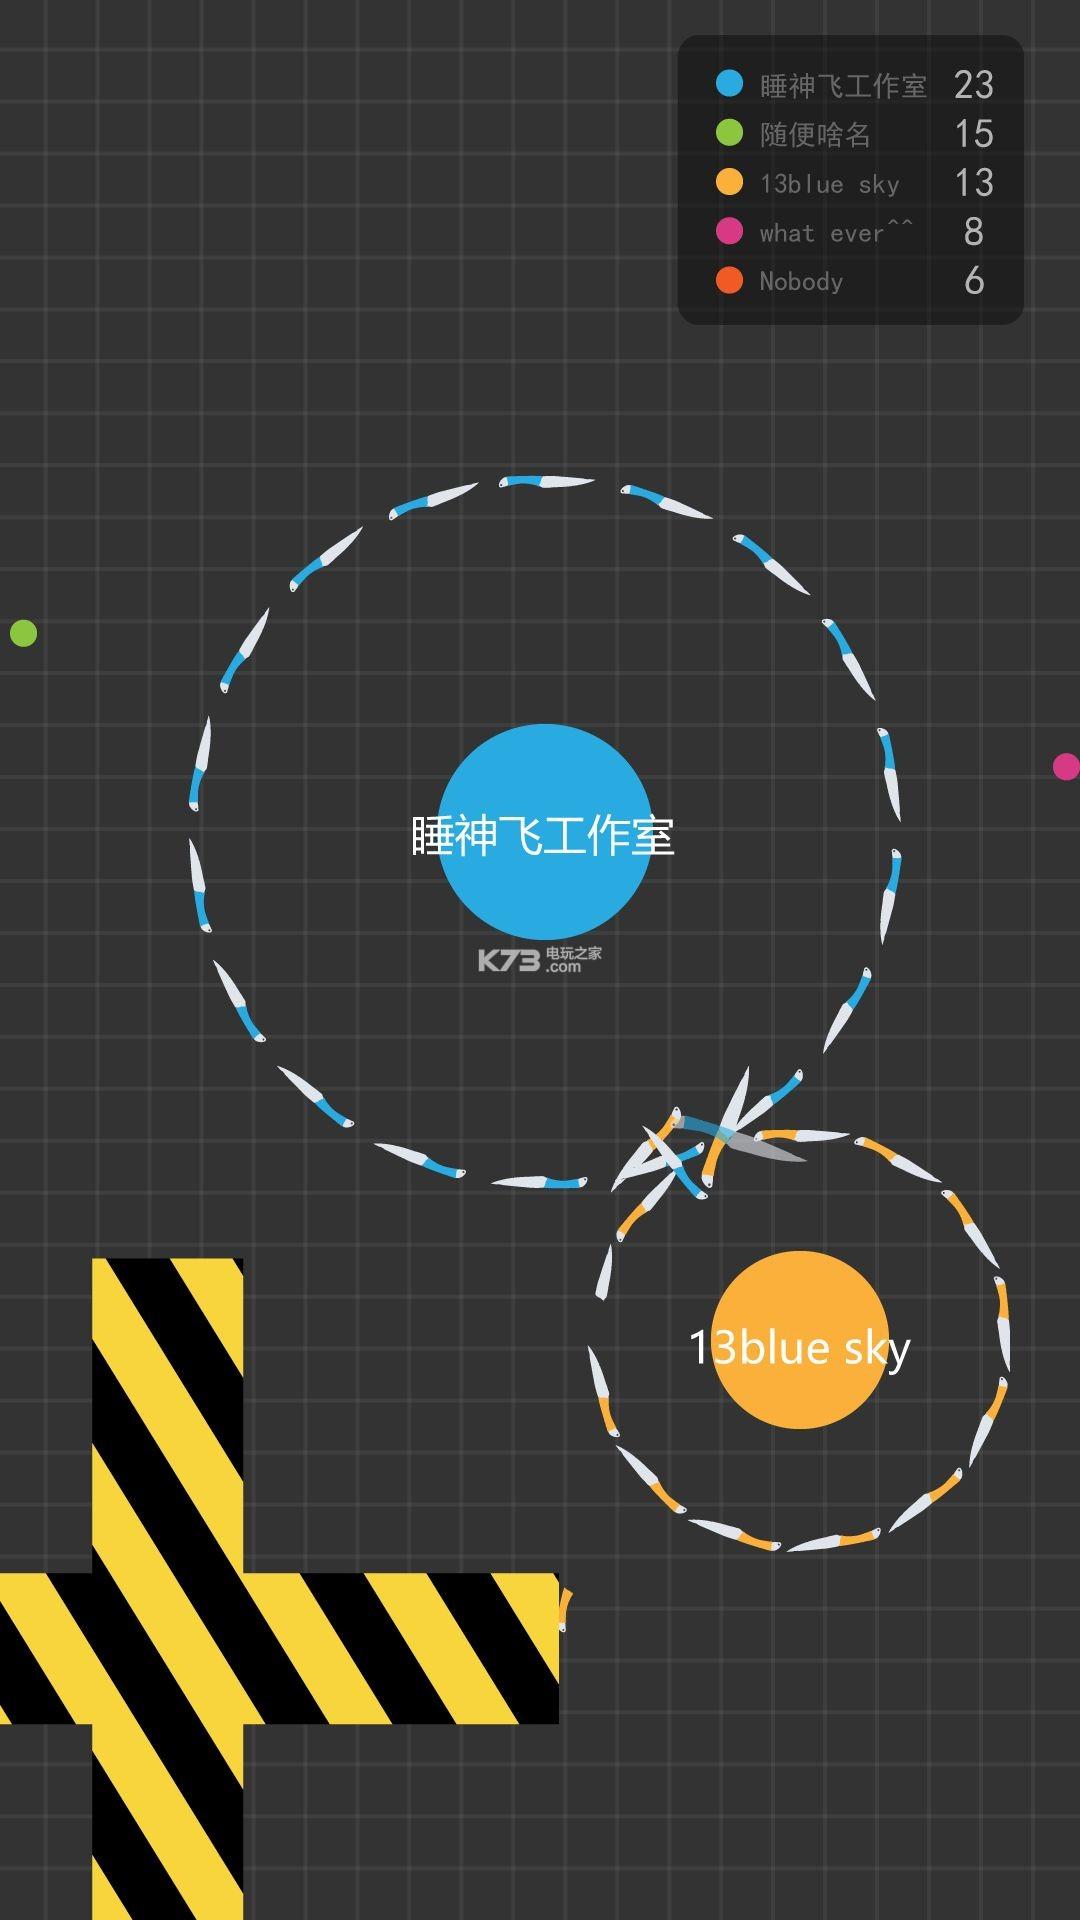 旋转飞刀 v2.1.5 游戏下载 截图